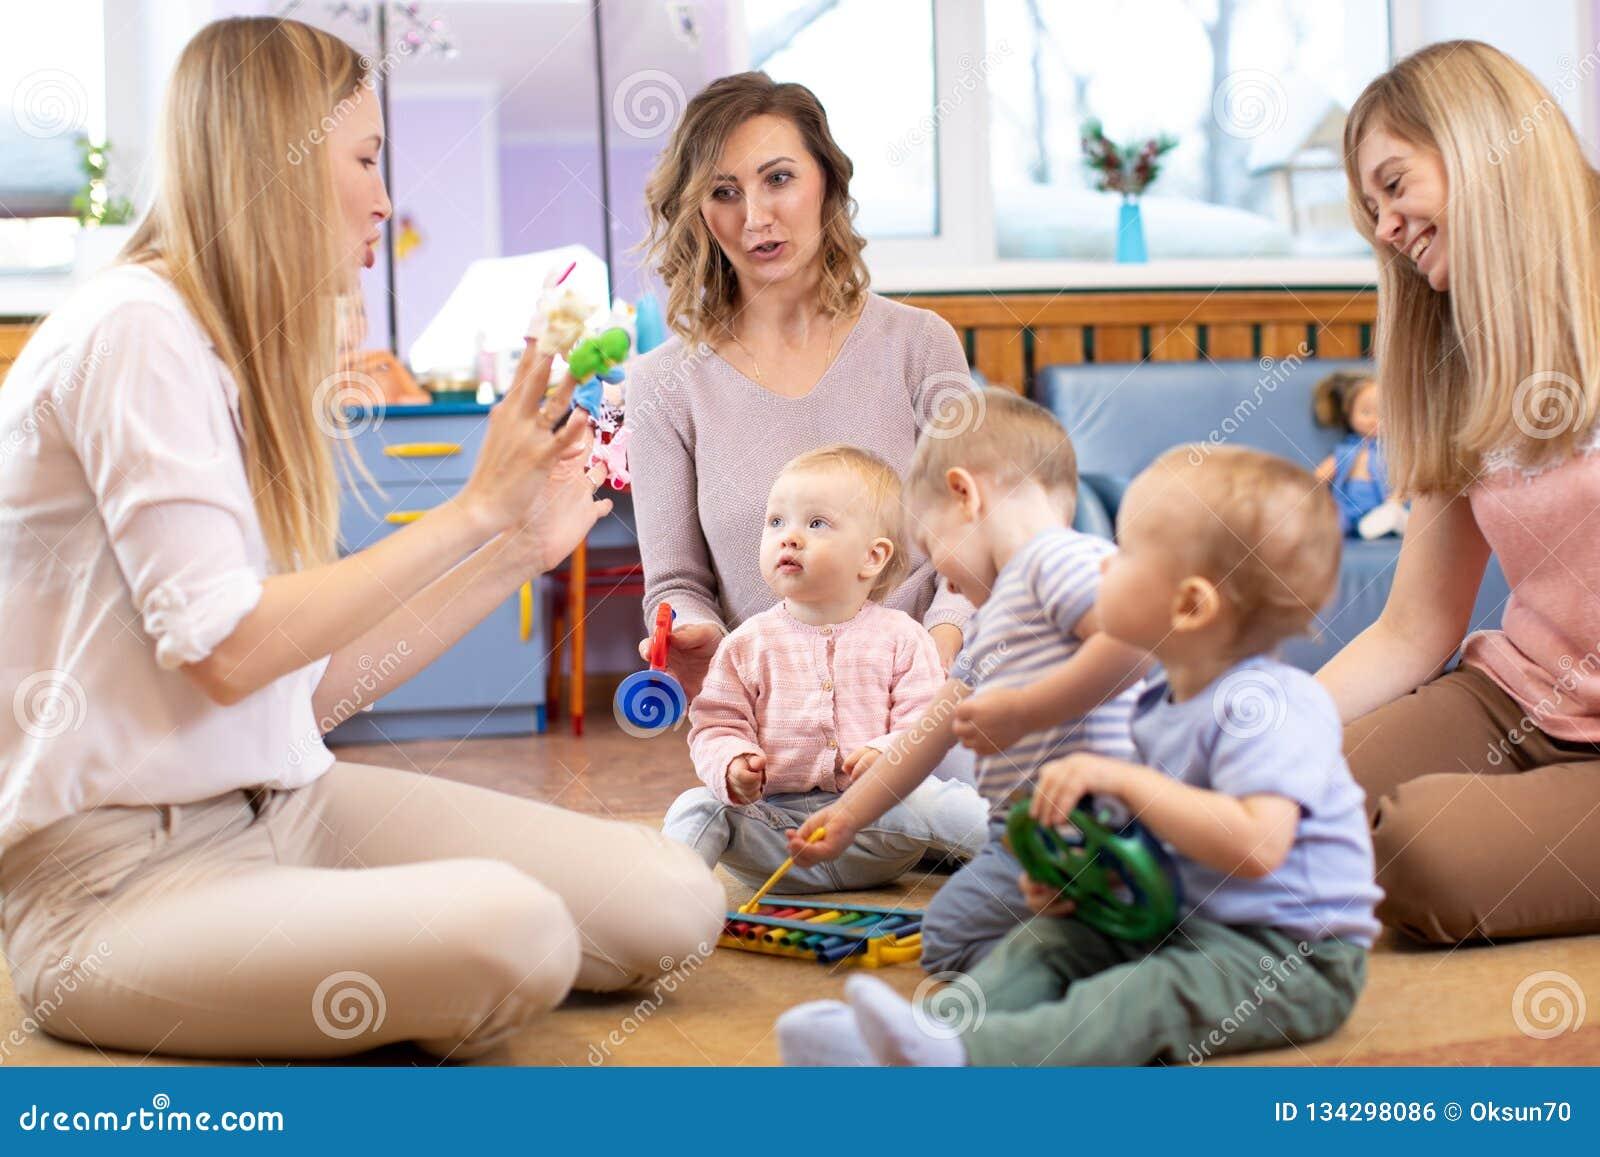 Ο σύμβουλος και χρονών τα μωρά 1 παίζουν με τα εκπαιδευτικά παιχνίδια στον παιδικό σταθμό ή το κέντρο φύλαξης